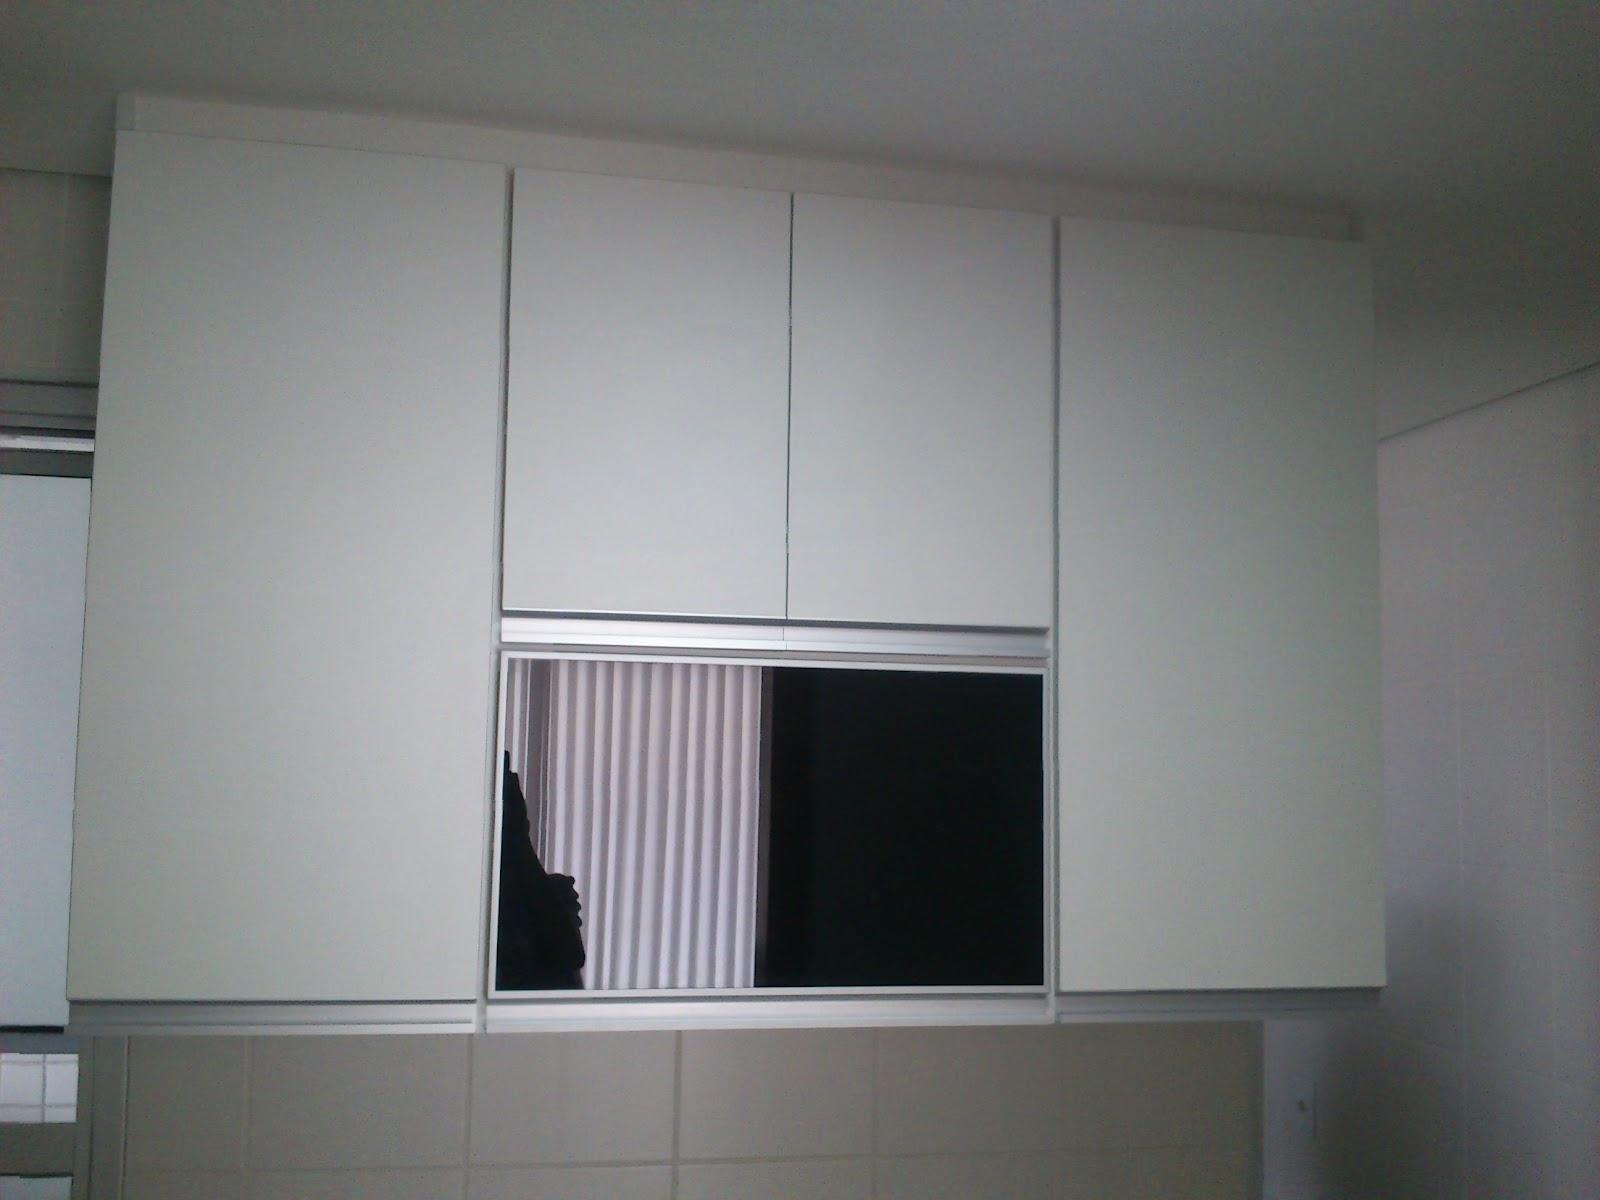 Aparador De Livros Caseiro ~ Wibamp com Portas De Armarios De Cozinha Em Vidro ~ Idéias do Projeto da Cozinha para a Inspiraç u00e3o